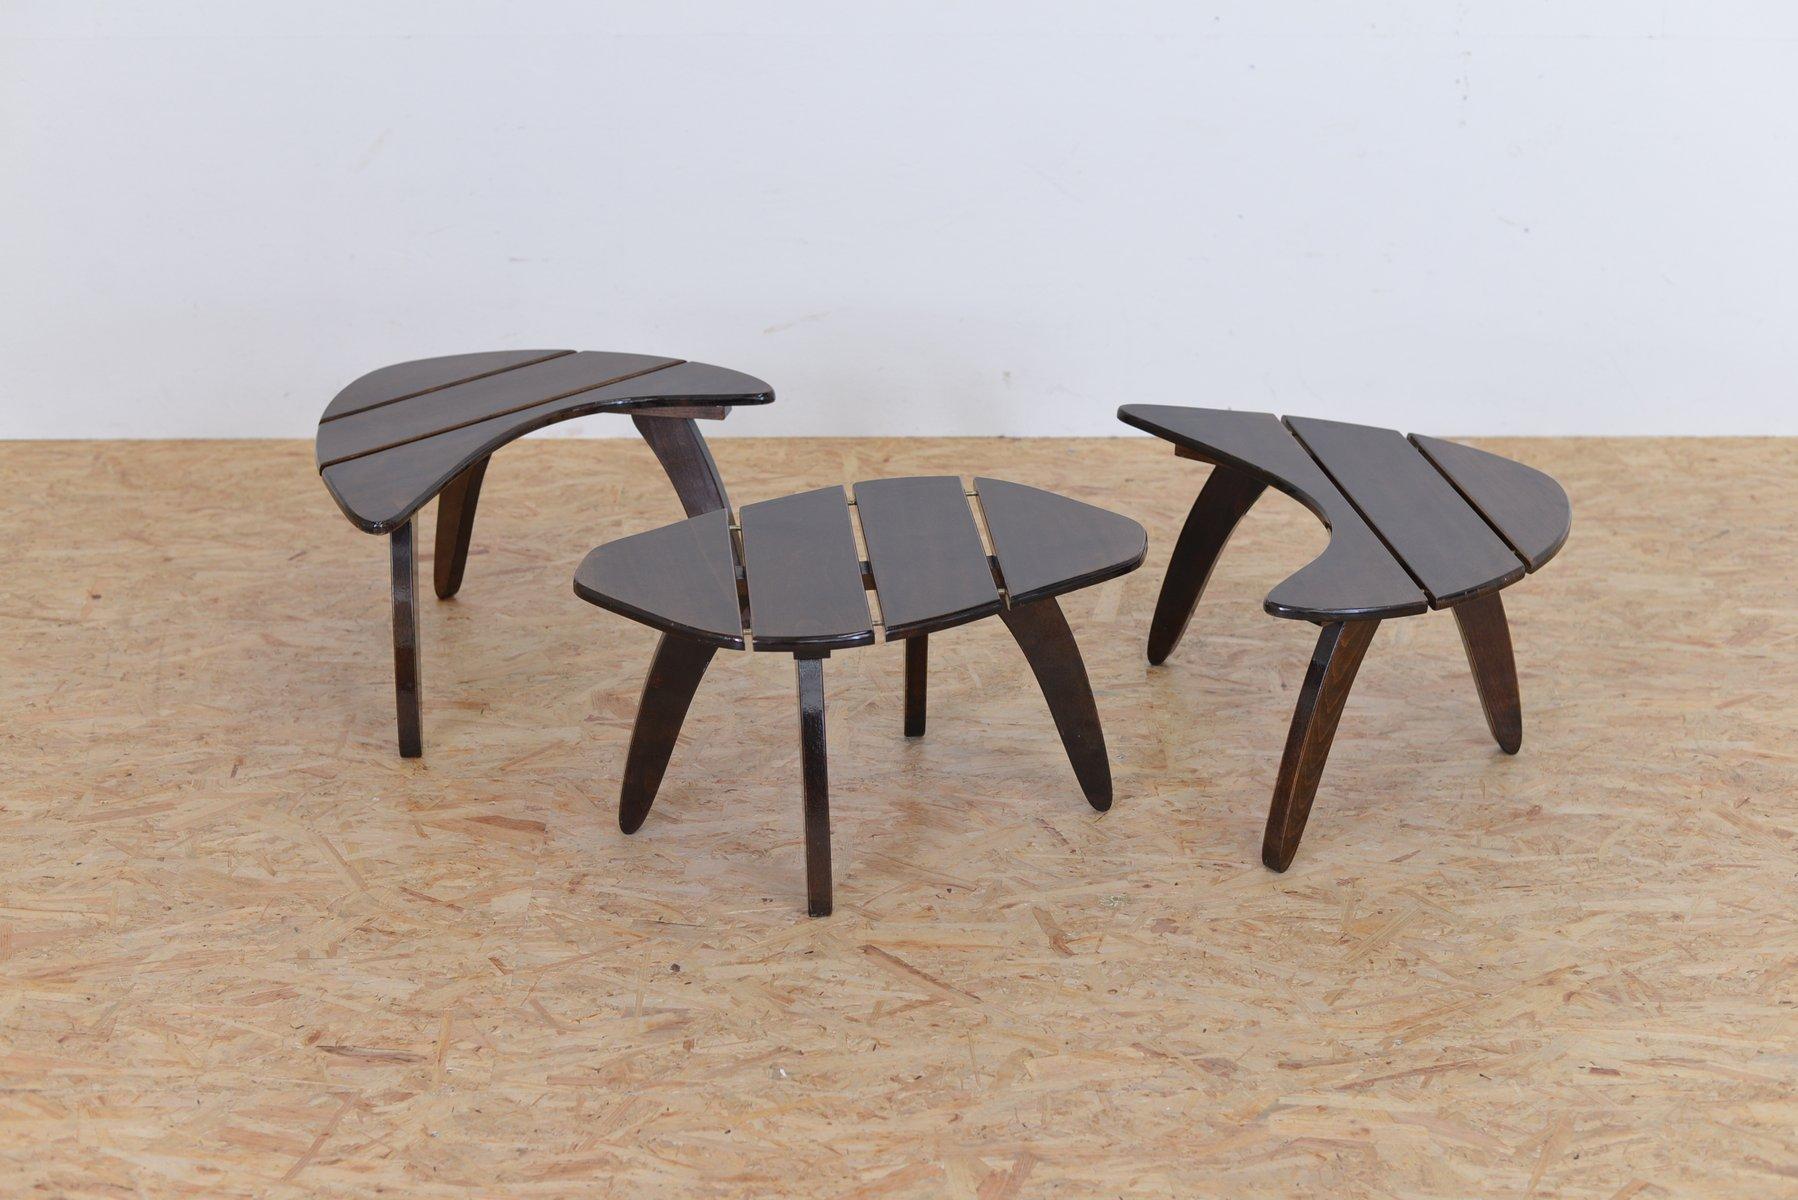 Mid century beistelltische 3er set bei pamono kaufen for Beistelltische 3er set modern